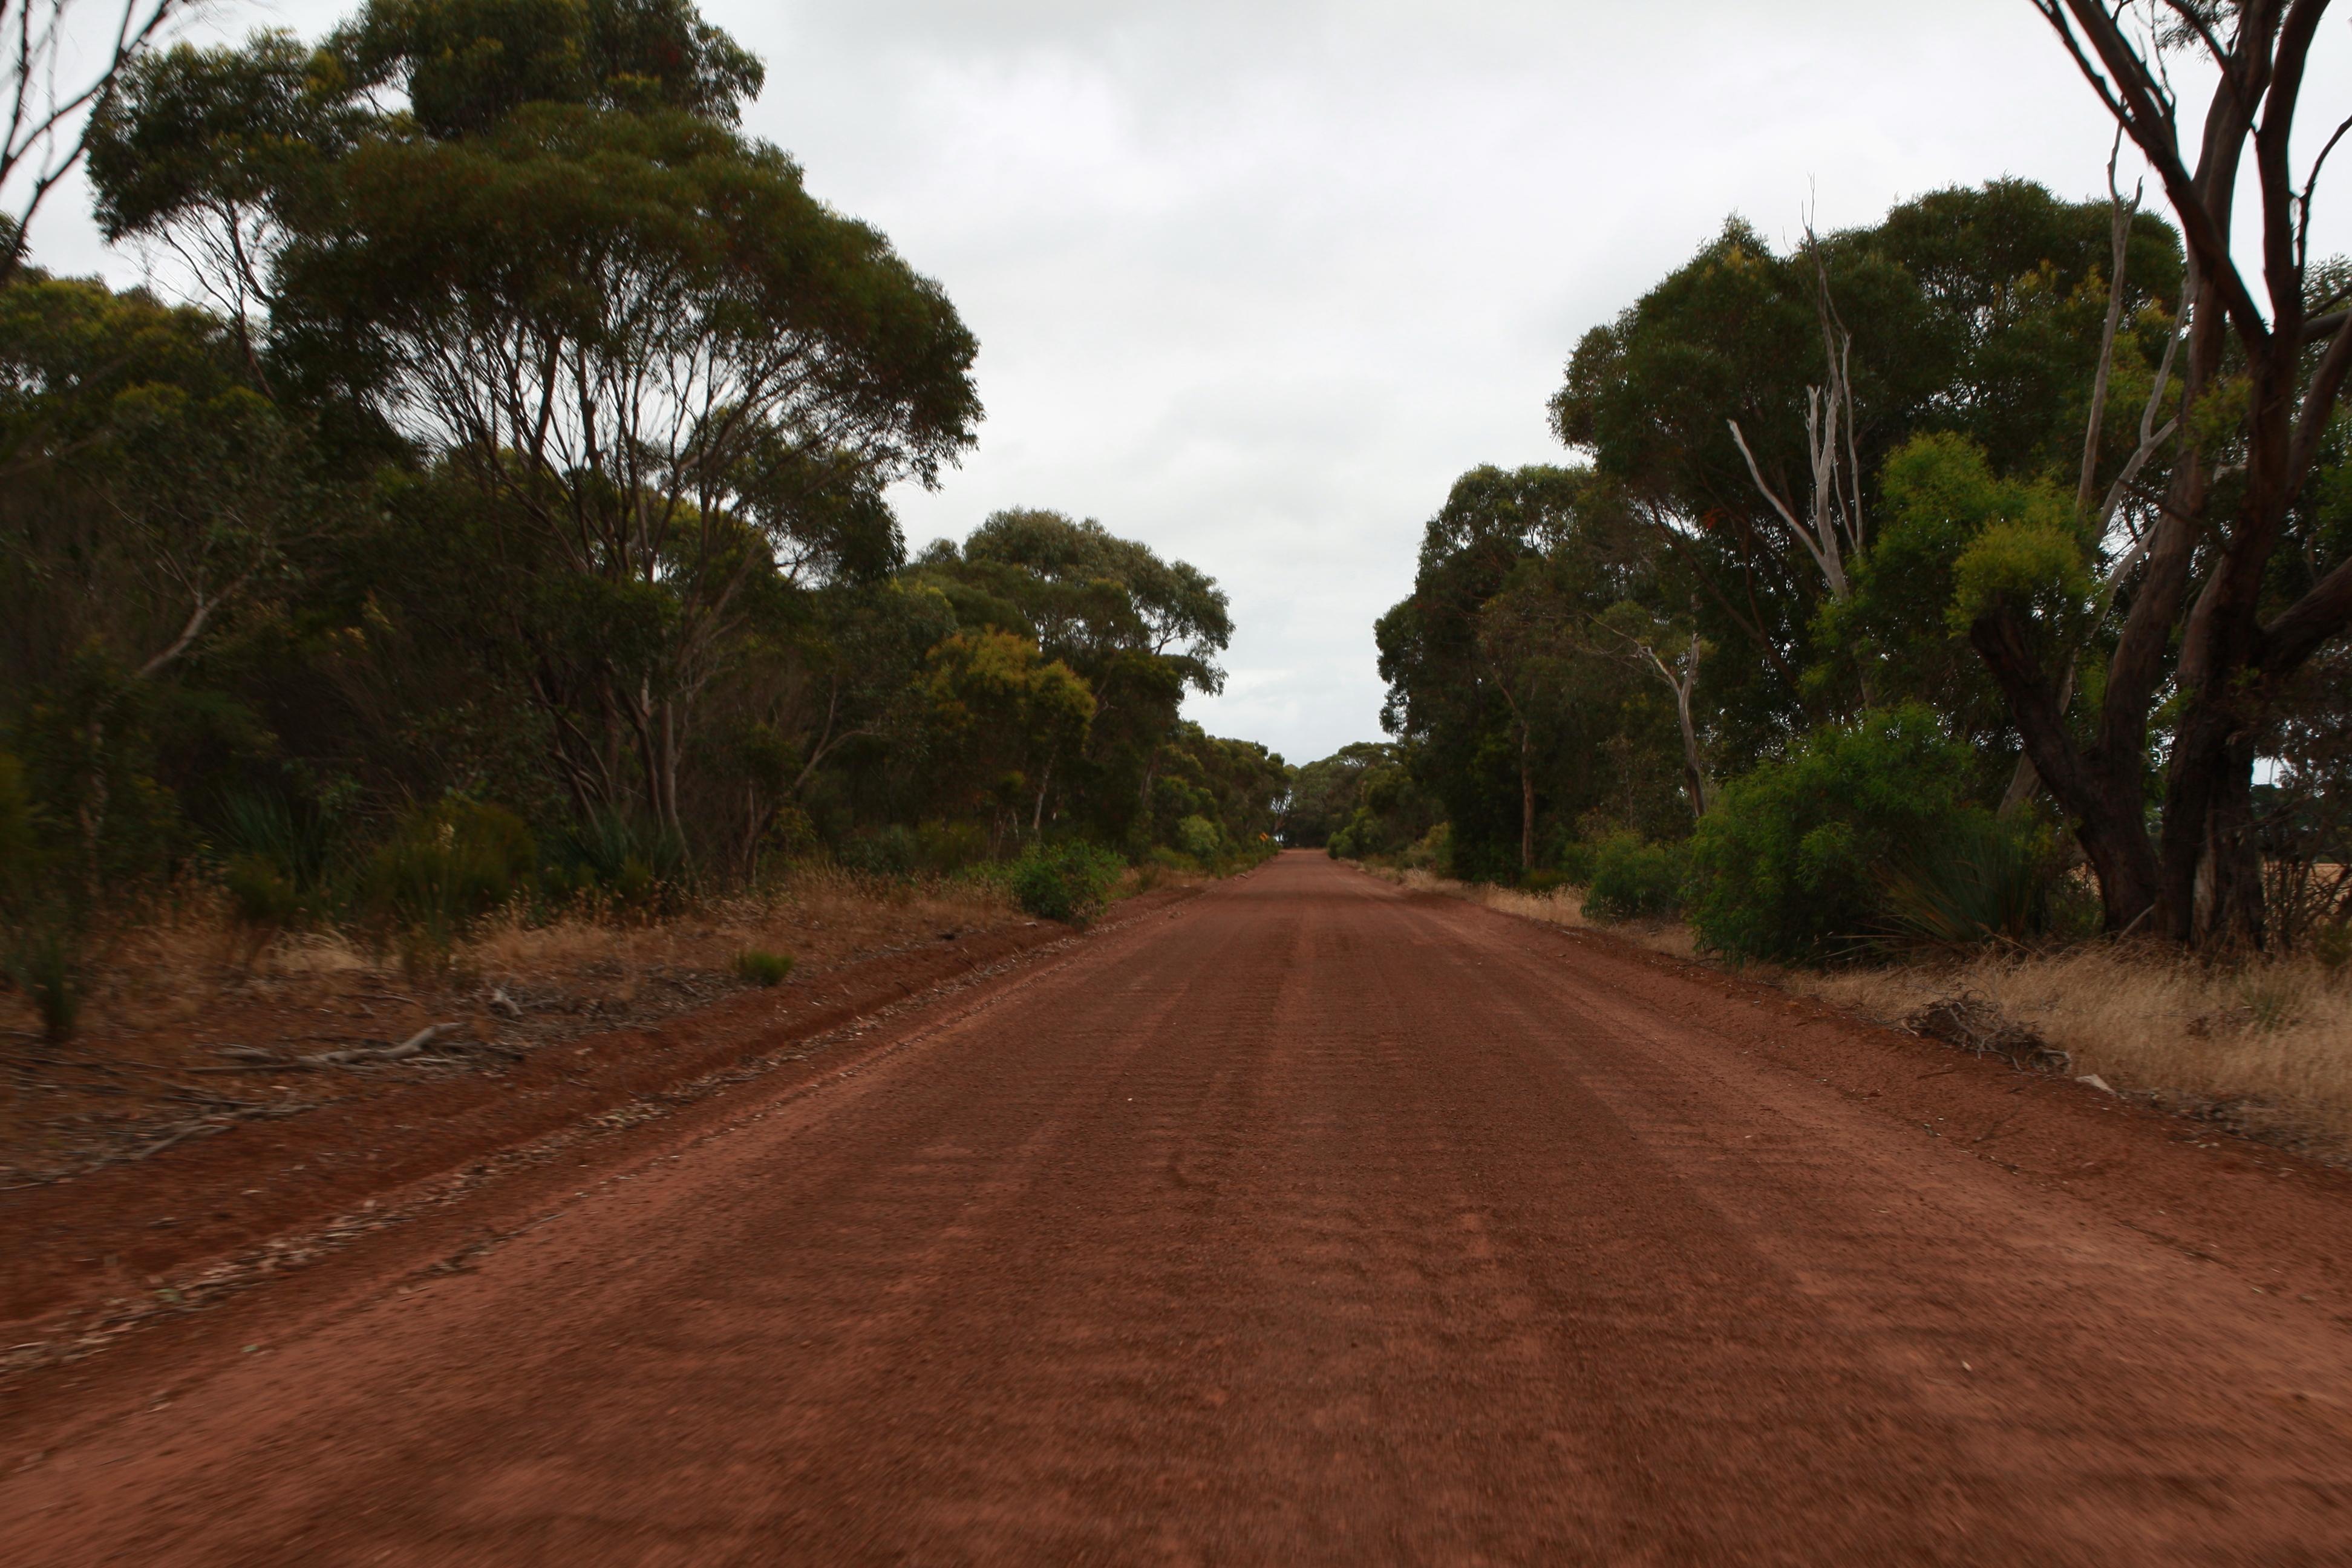 Australia_Outback_54